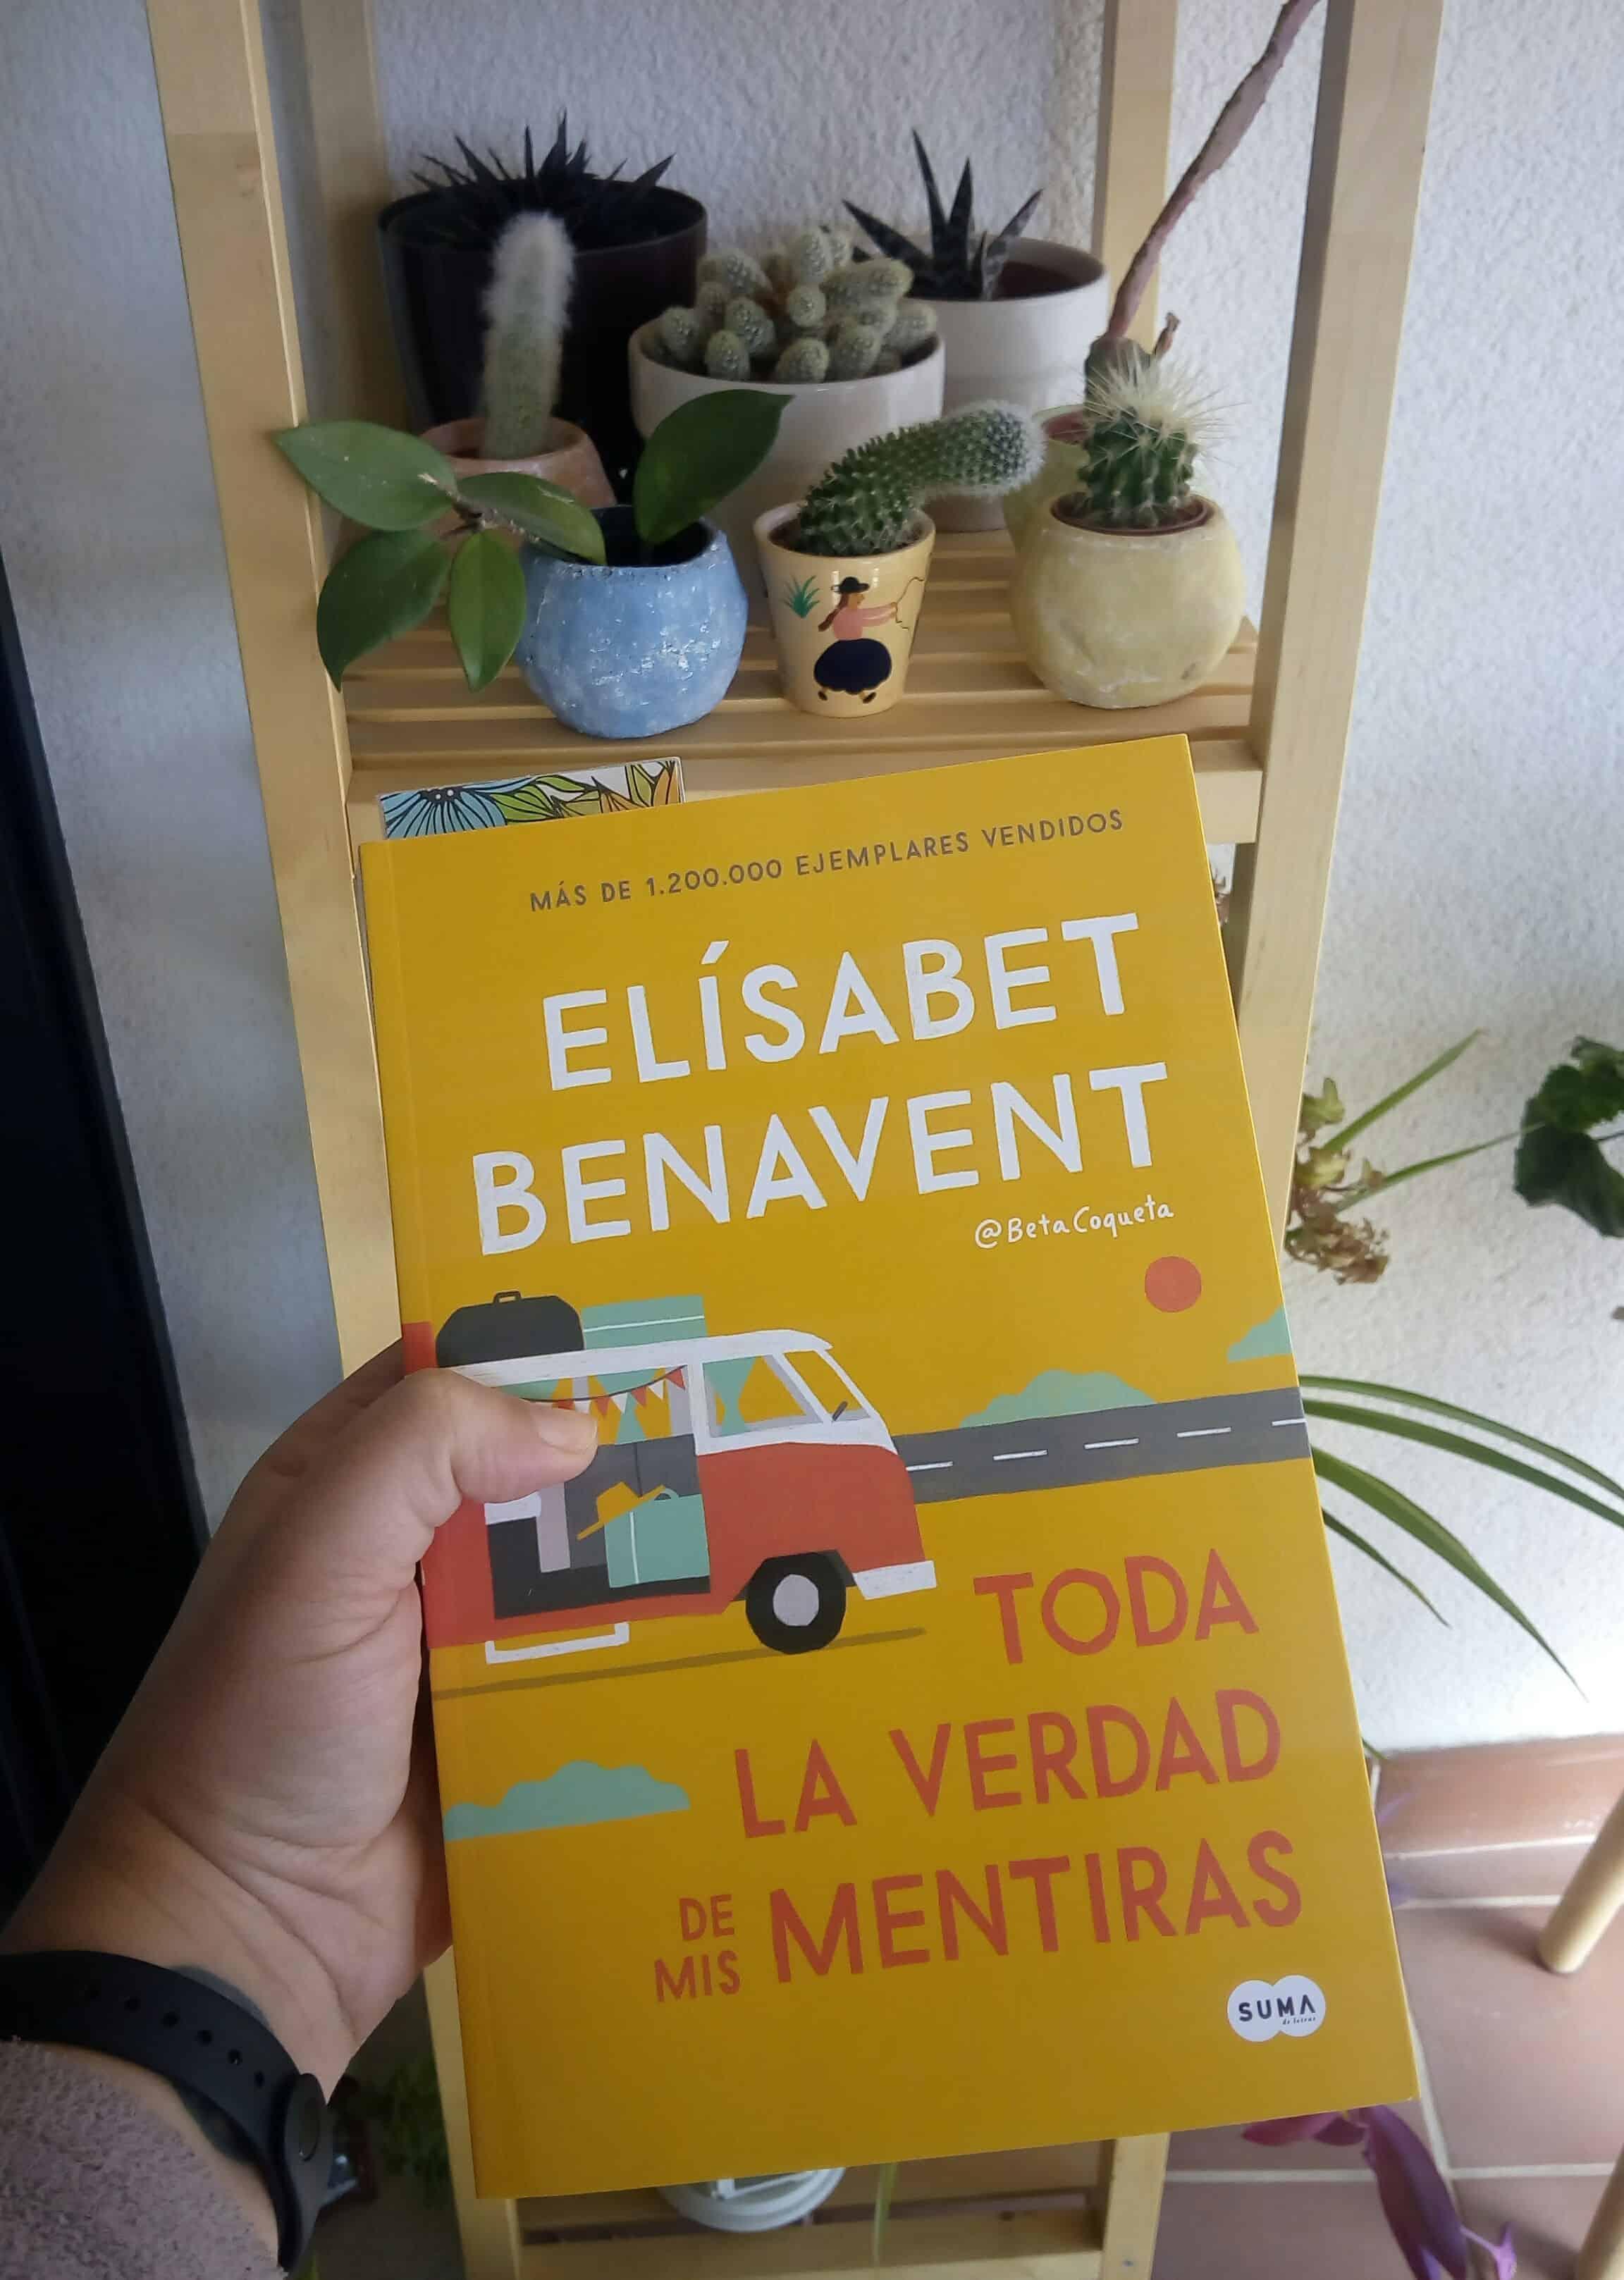 TODA LA VERDAD DE MIS MENTIRAS, de Elísabet Benavent.